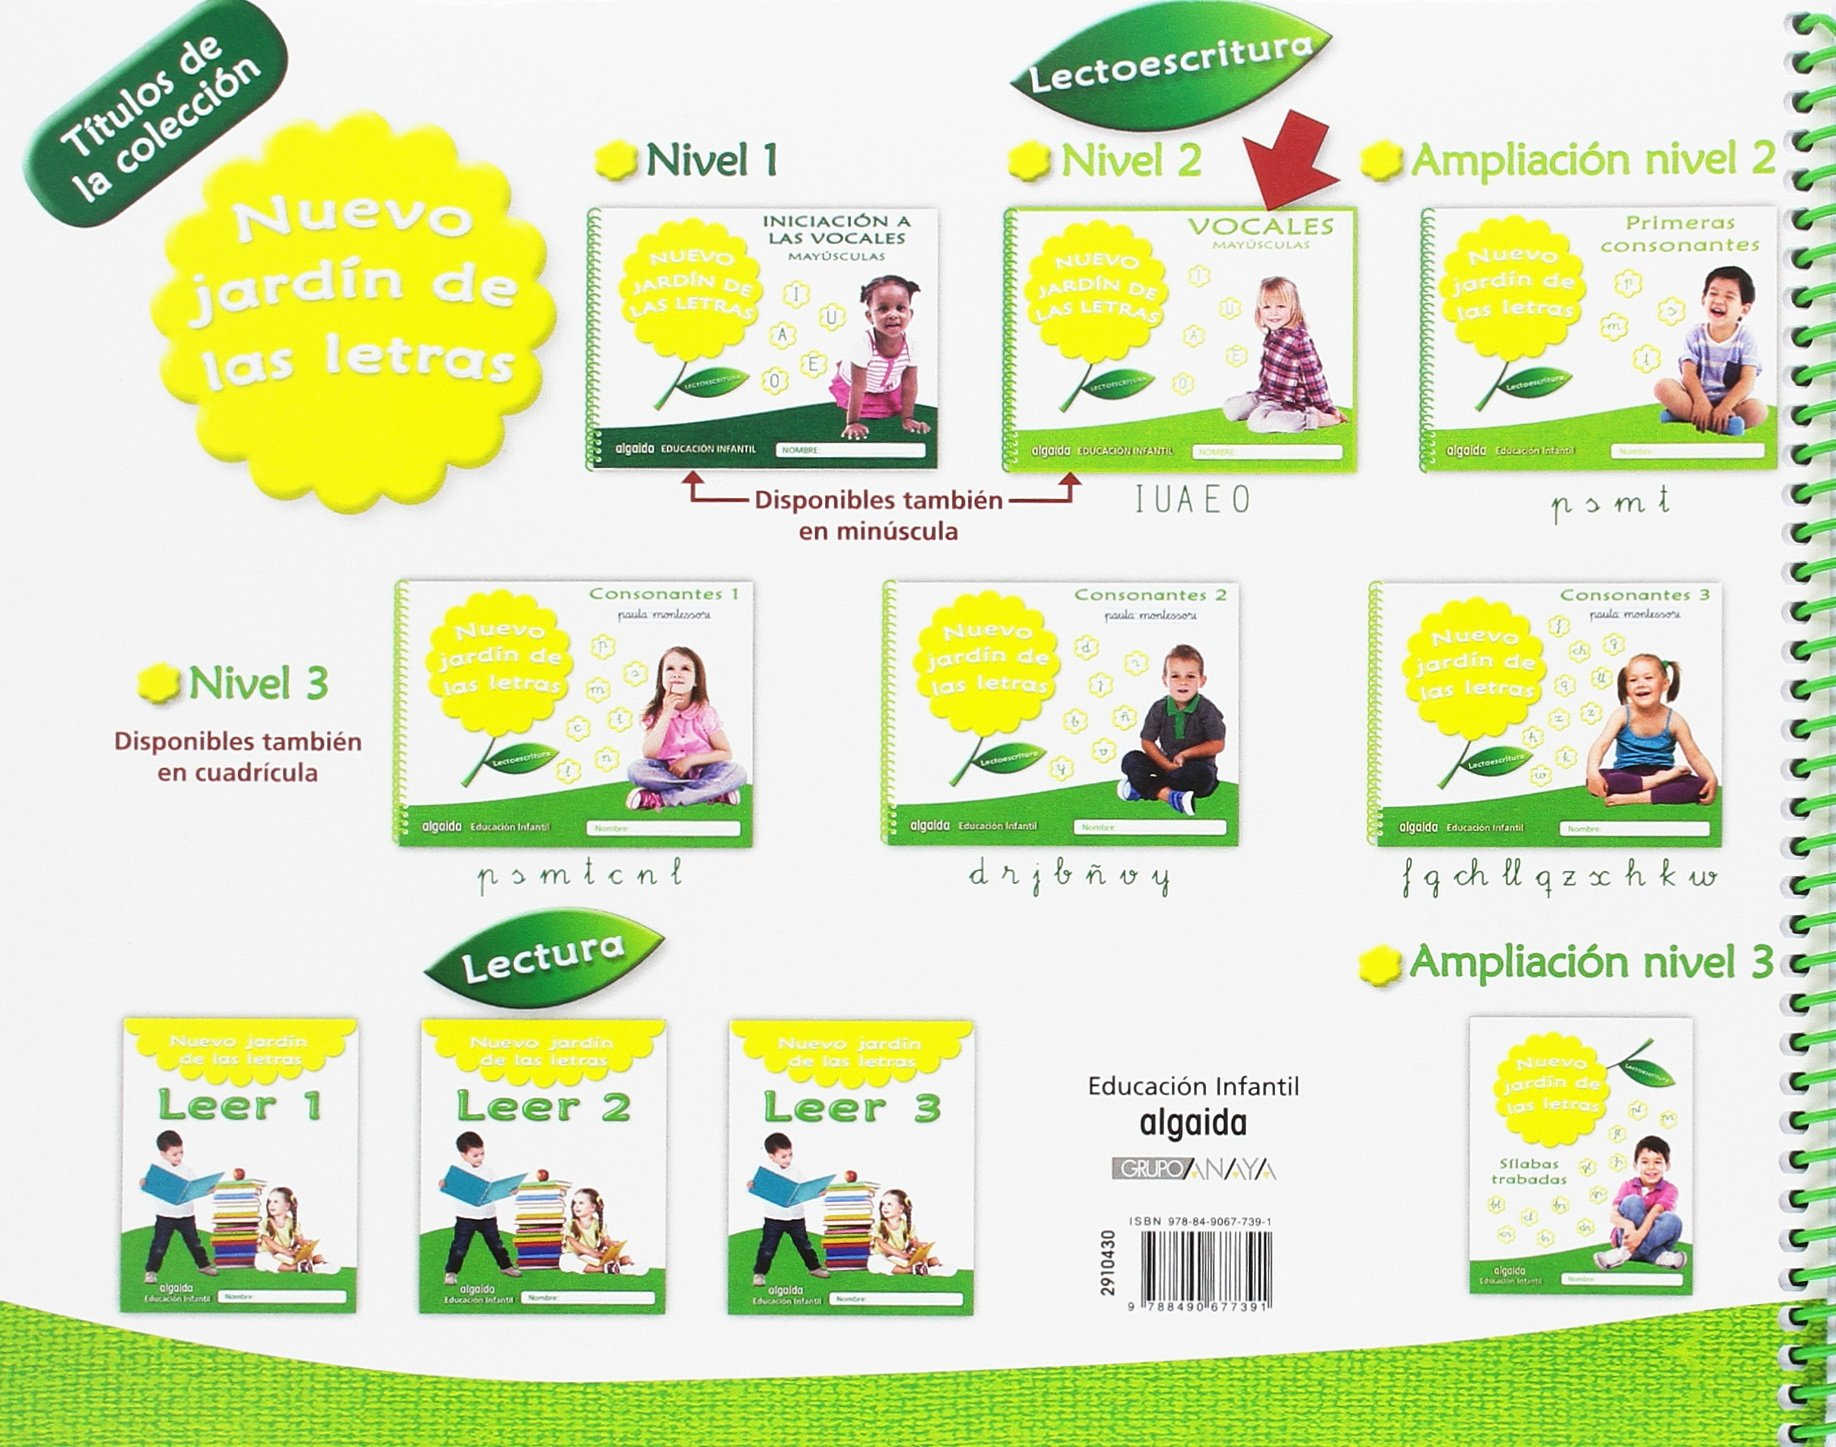 Nuevo Jardín de las Letras. Vocales. Mayúsculas. Educación Infantil: Amazon.es: Campuzano Valiente, María Dolores, Guerra Campuzano, Olimpia: Libros